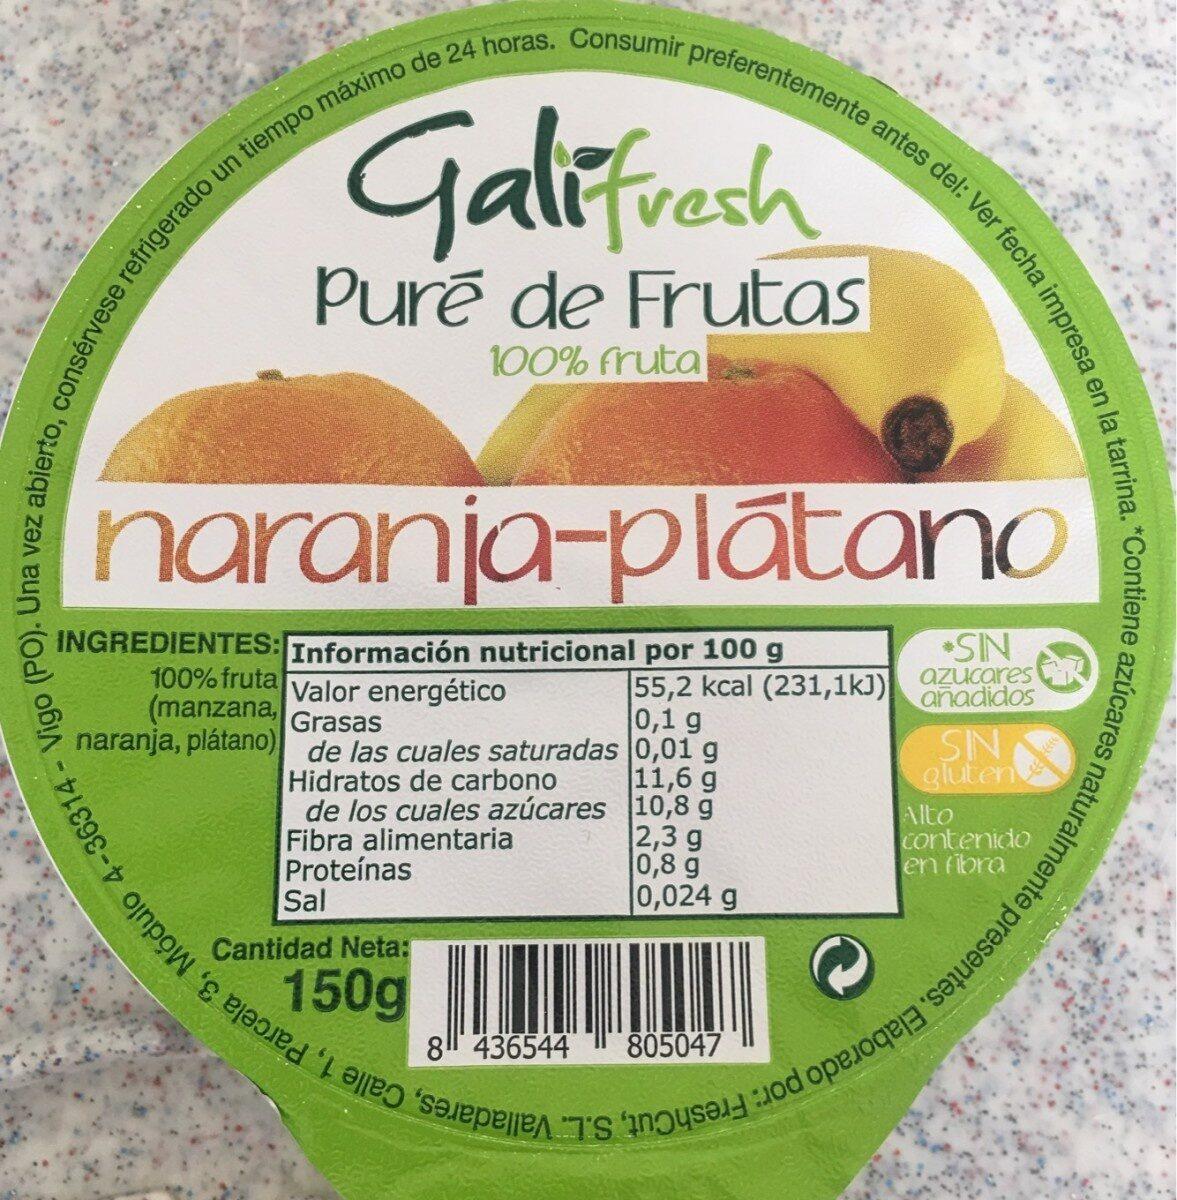 Puré de frutas 100% fruta - Producte